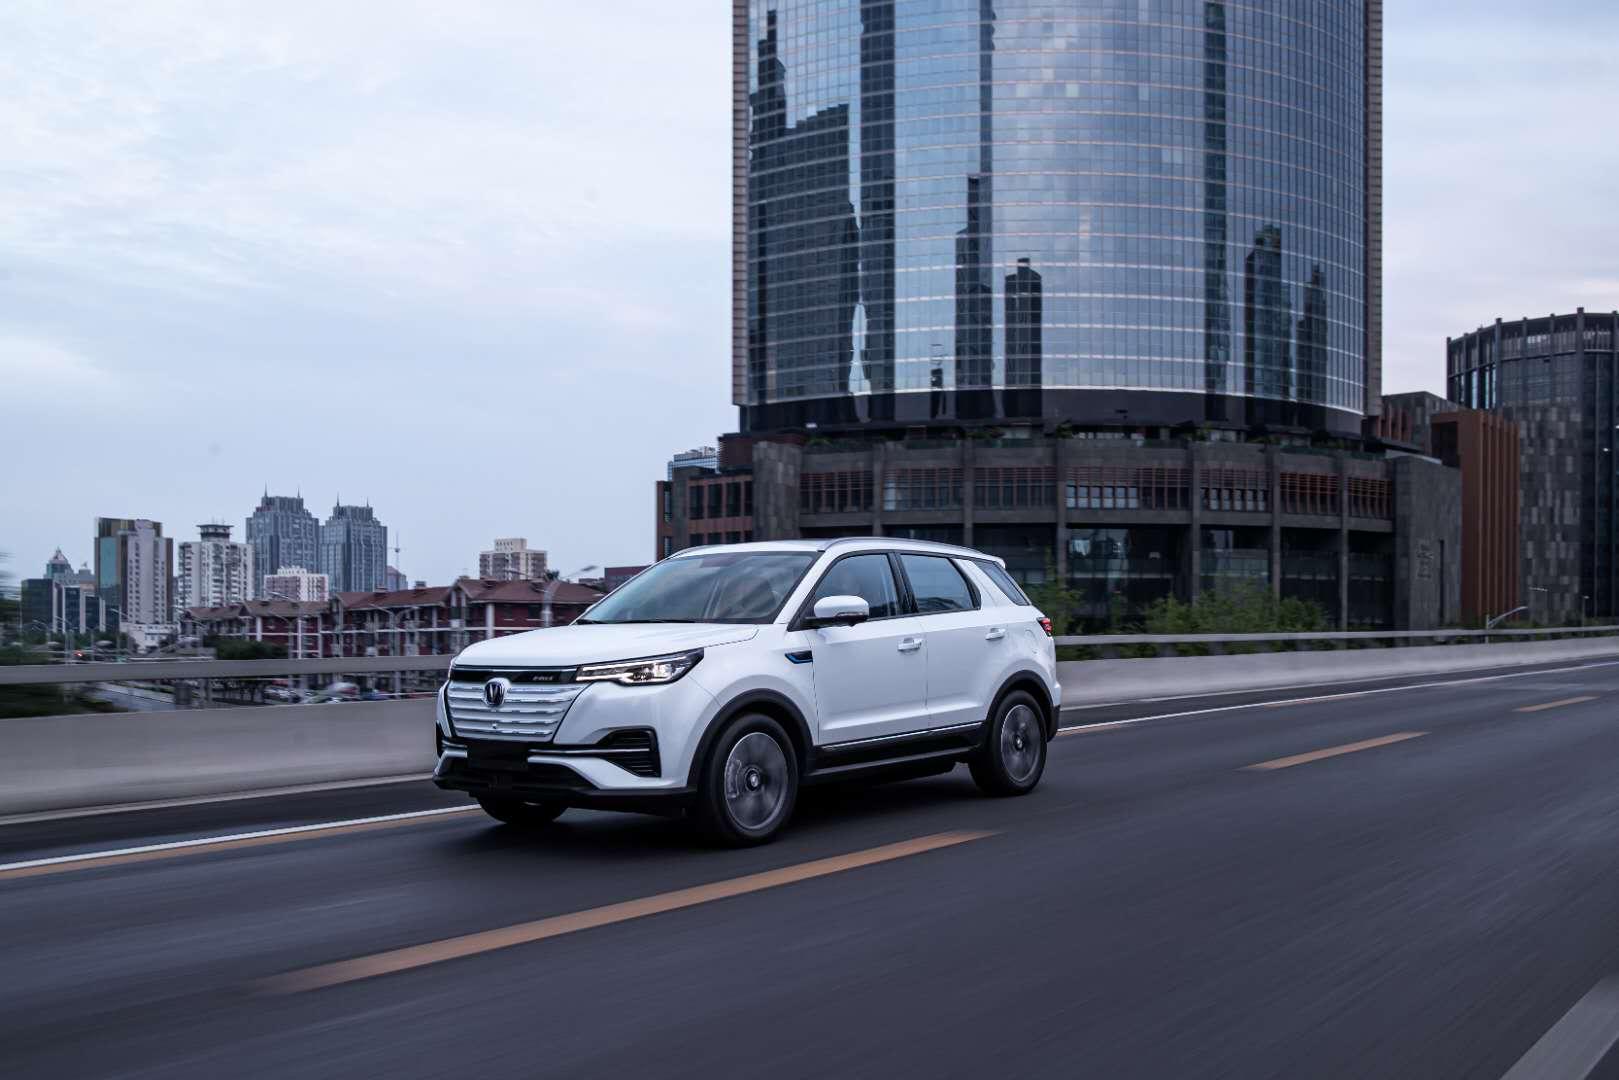 长安新能源奋力突围:CS55 纯电版出击15-20万元纯电紧凑SUV市场